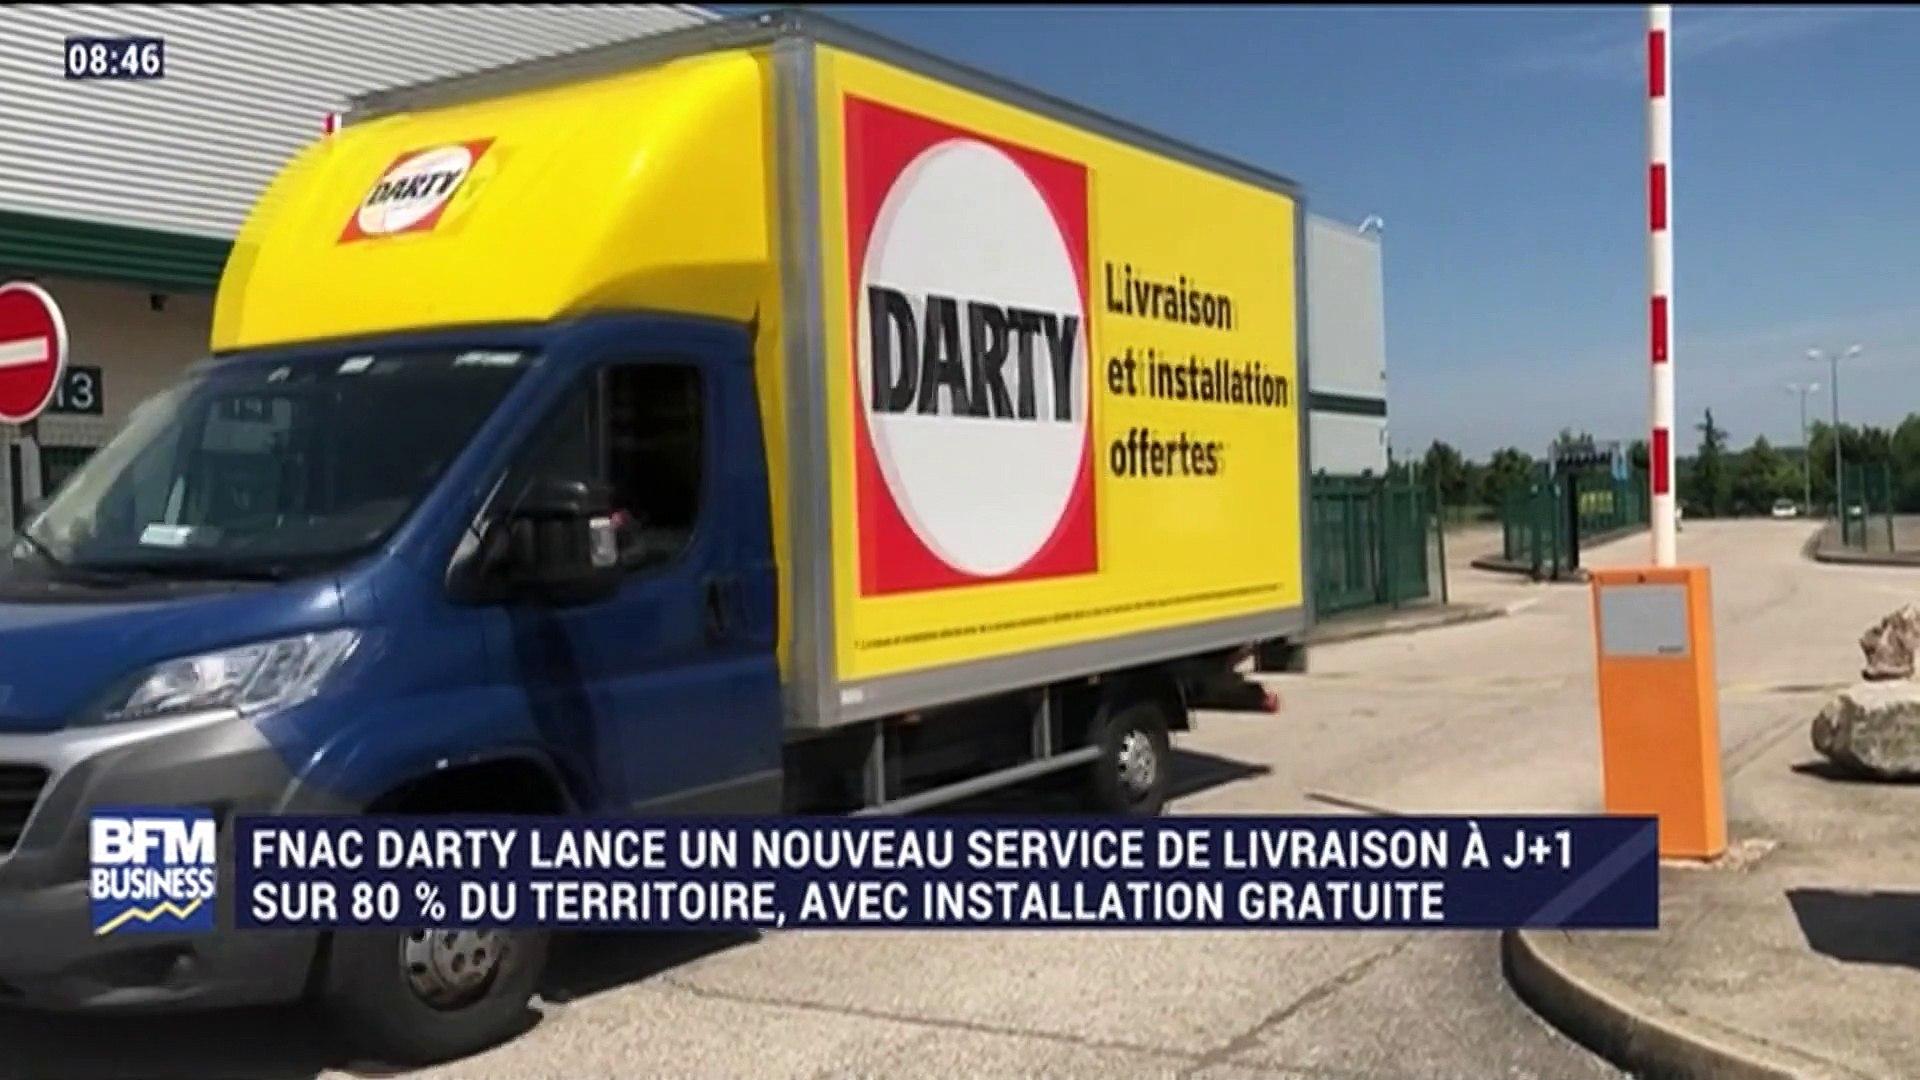 Fnac Darty lance un service de livraison à J+9 - 9/9